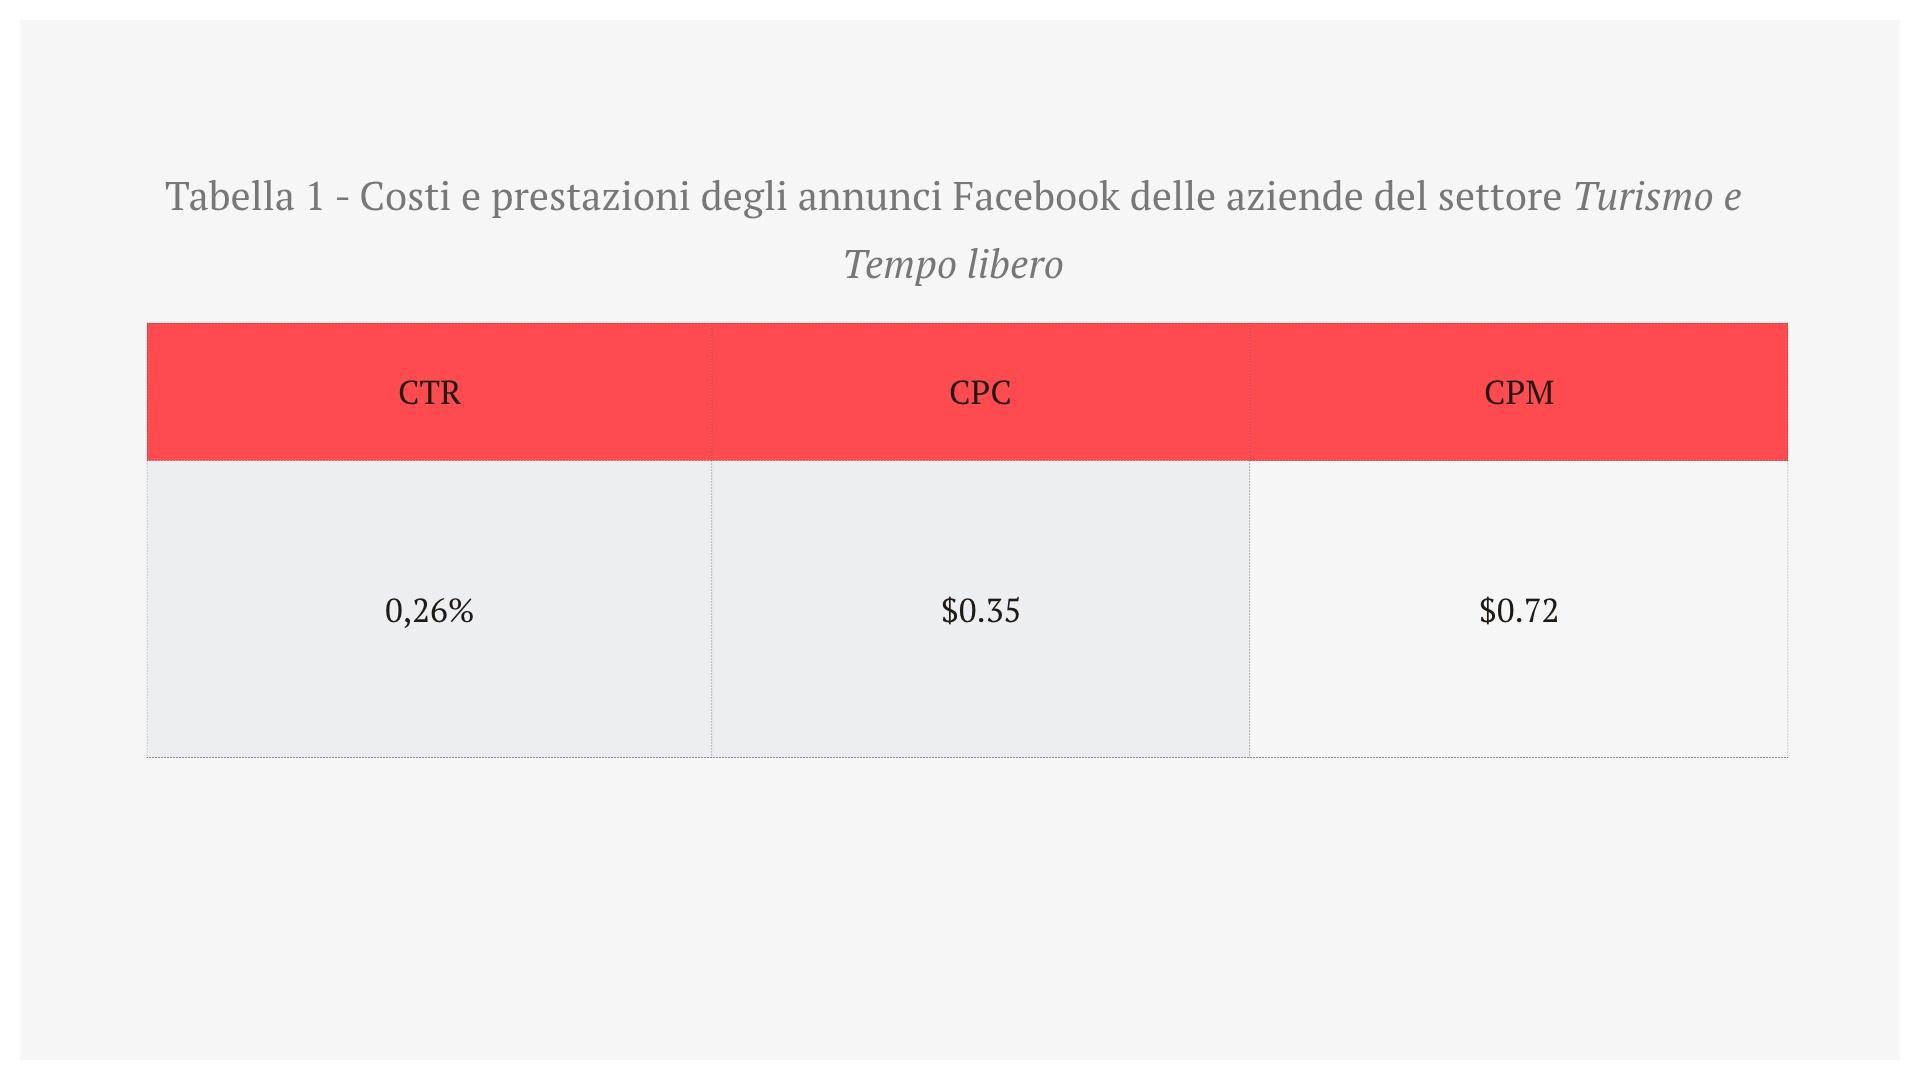 4-costi-e-prestazioni-annunci-facebook-turismo.jpg